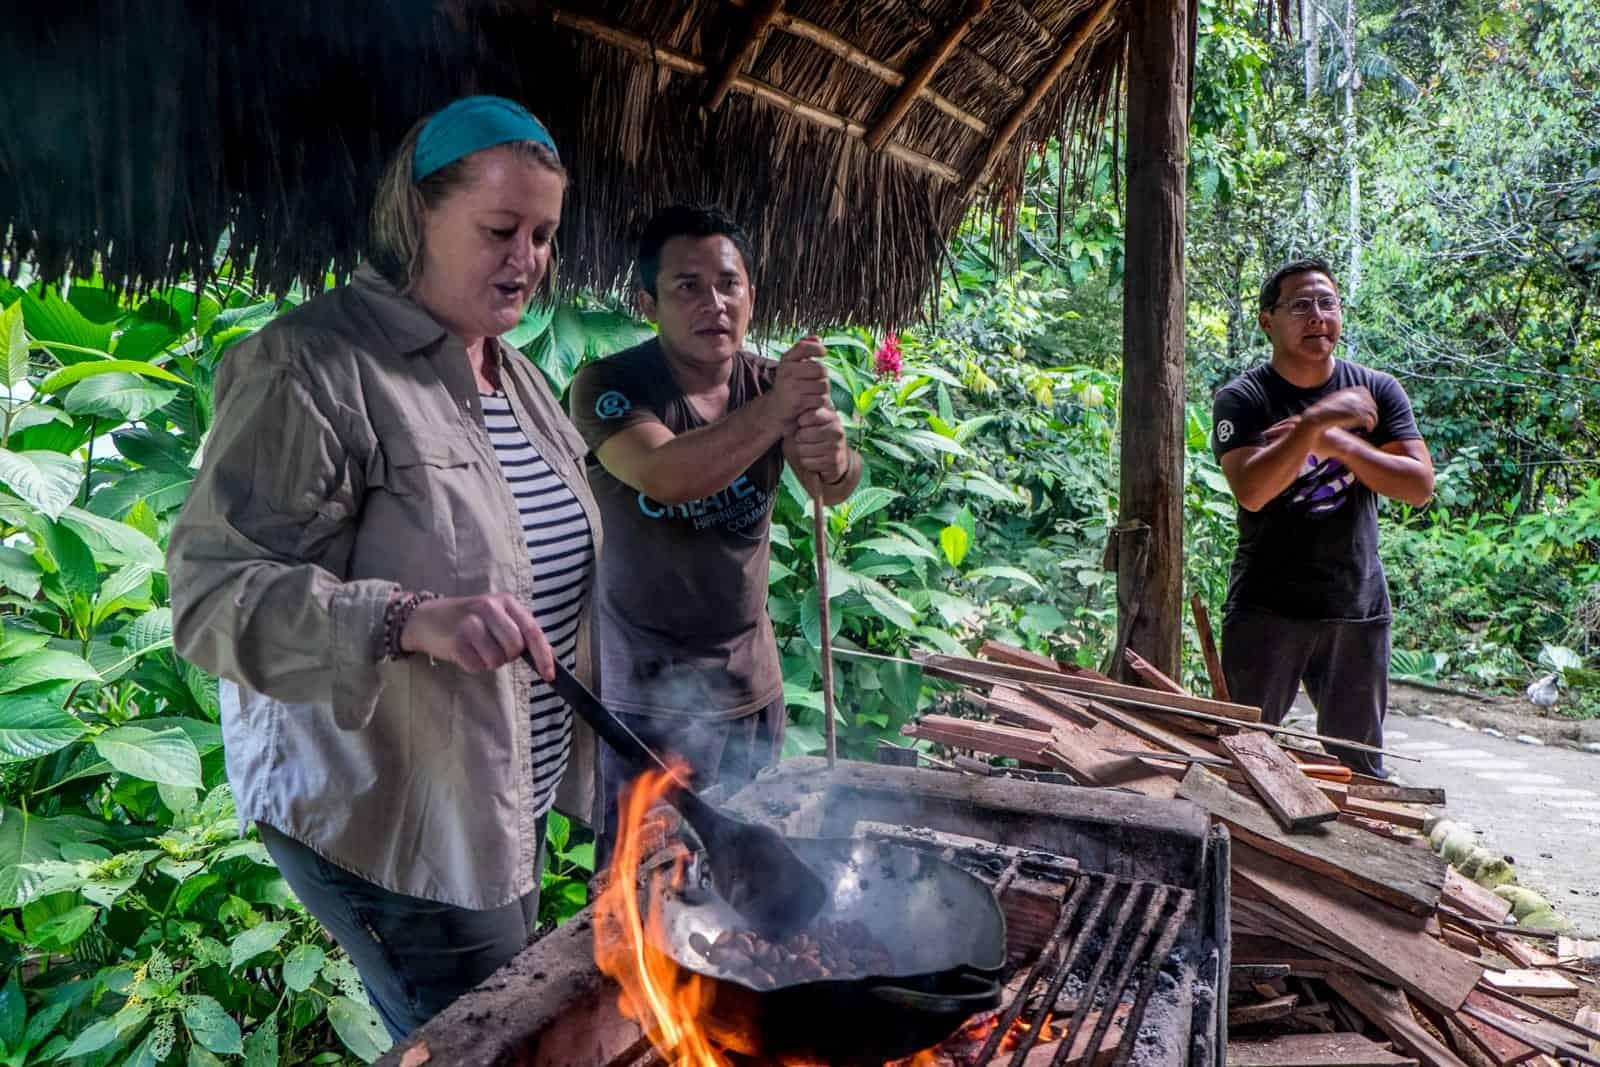 Hacer chocolate en la selva amazónica Ecuador